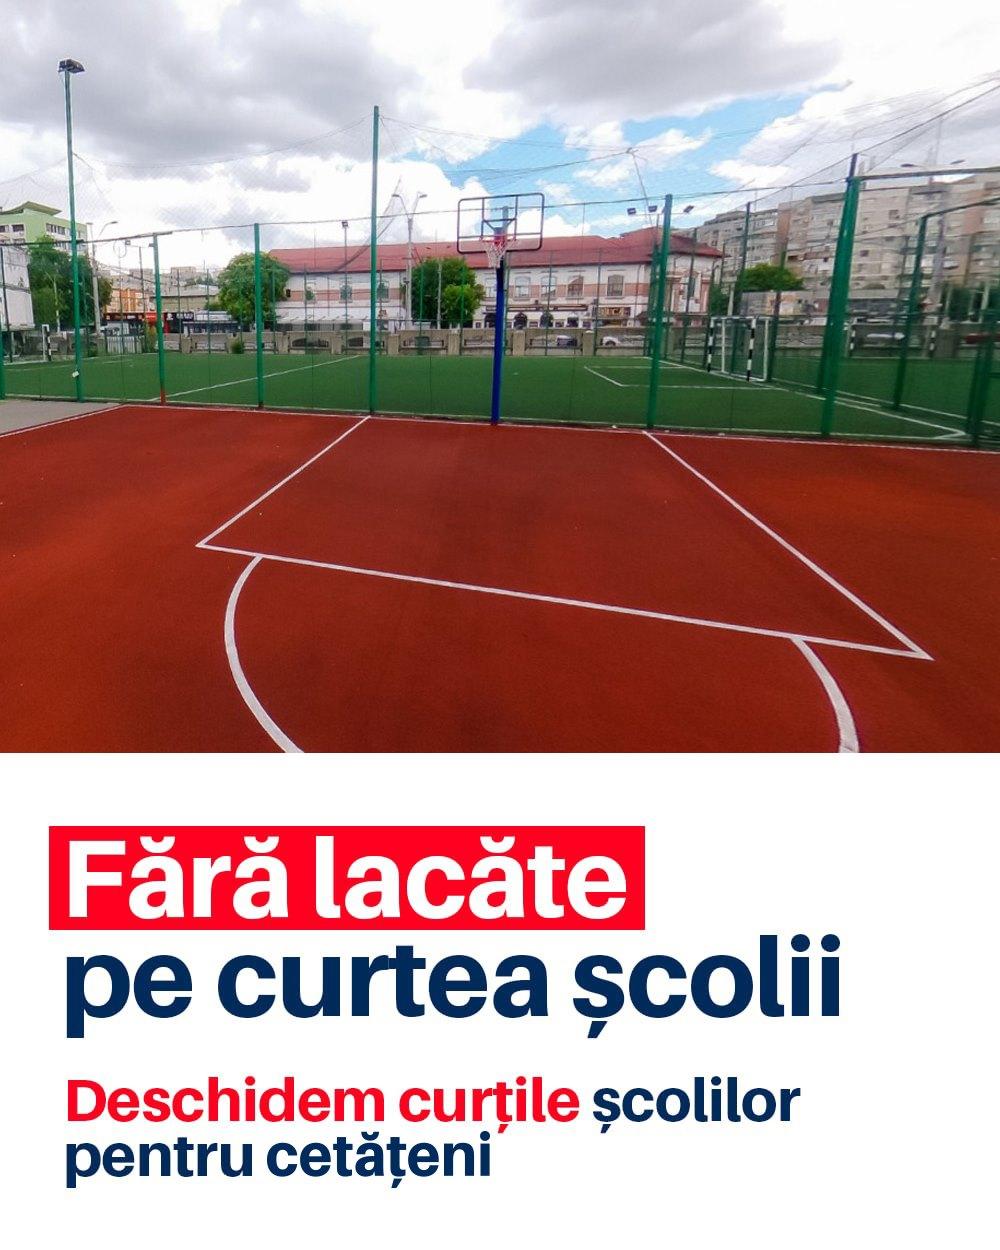 Deschiderea curților școlilor pentru comunitatea din Sectorul 4 al Capitalei. Proiectul trebuie pus în dezbatere publică